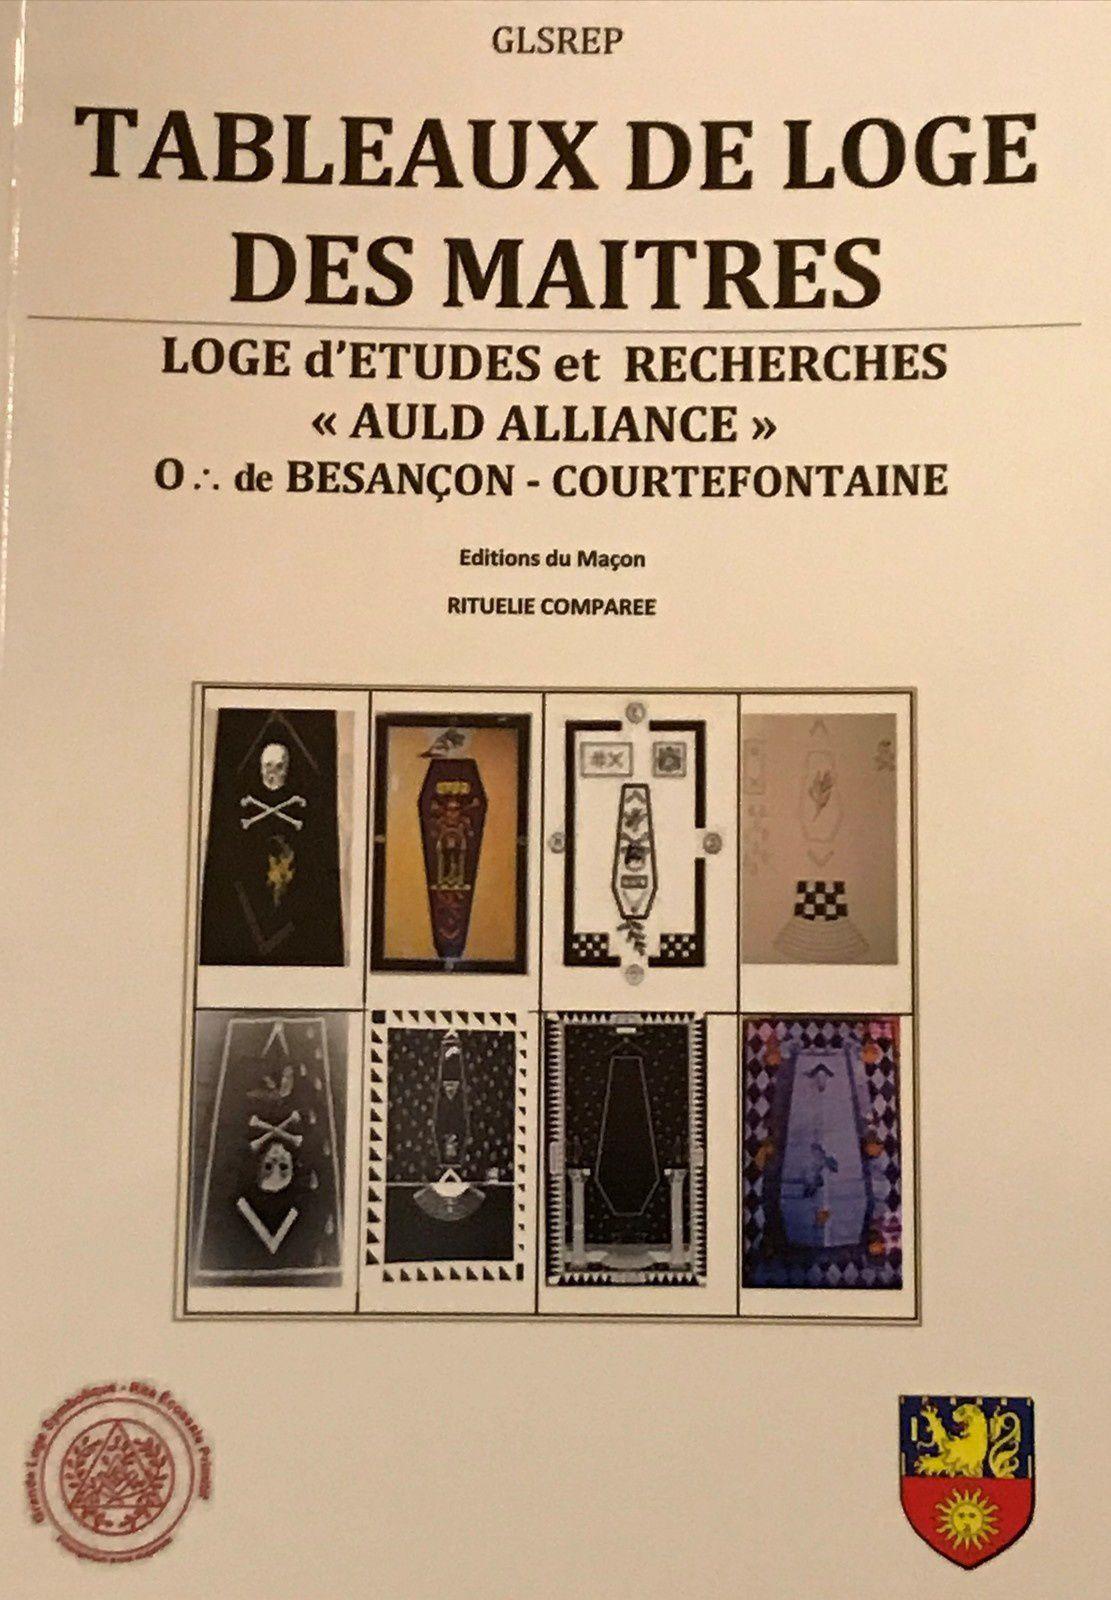 Rituelie comparée sur 8 Tableaux de loge des Maîtres